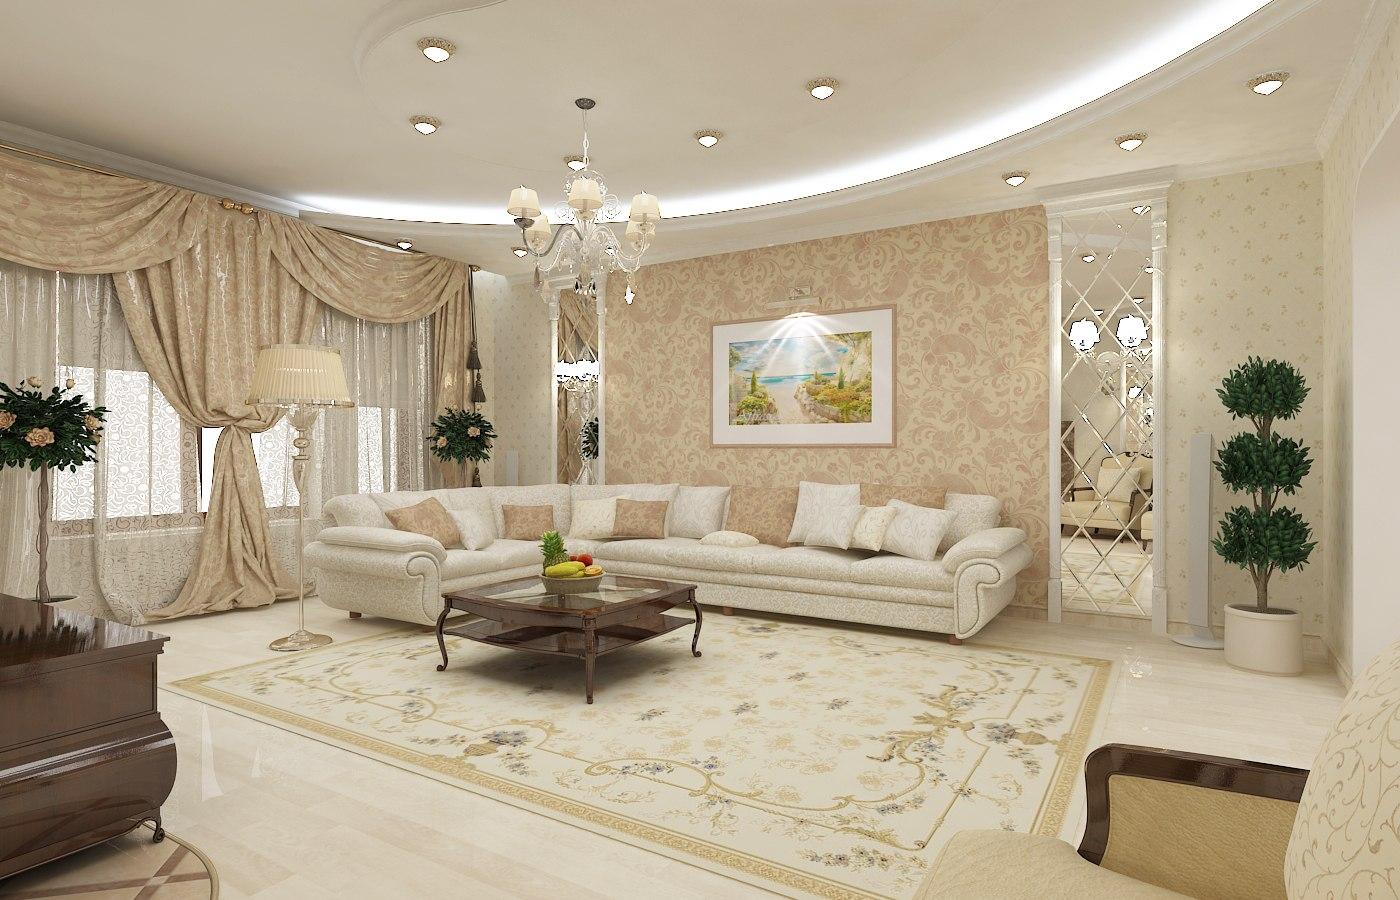 Дизайн интерьера в классическом стиле в фото